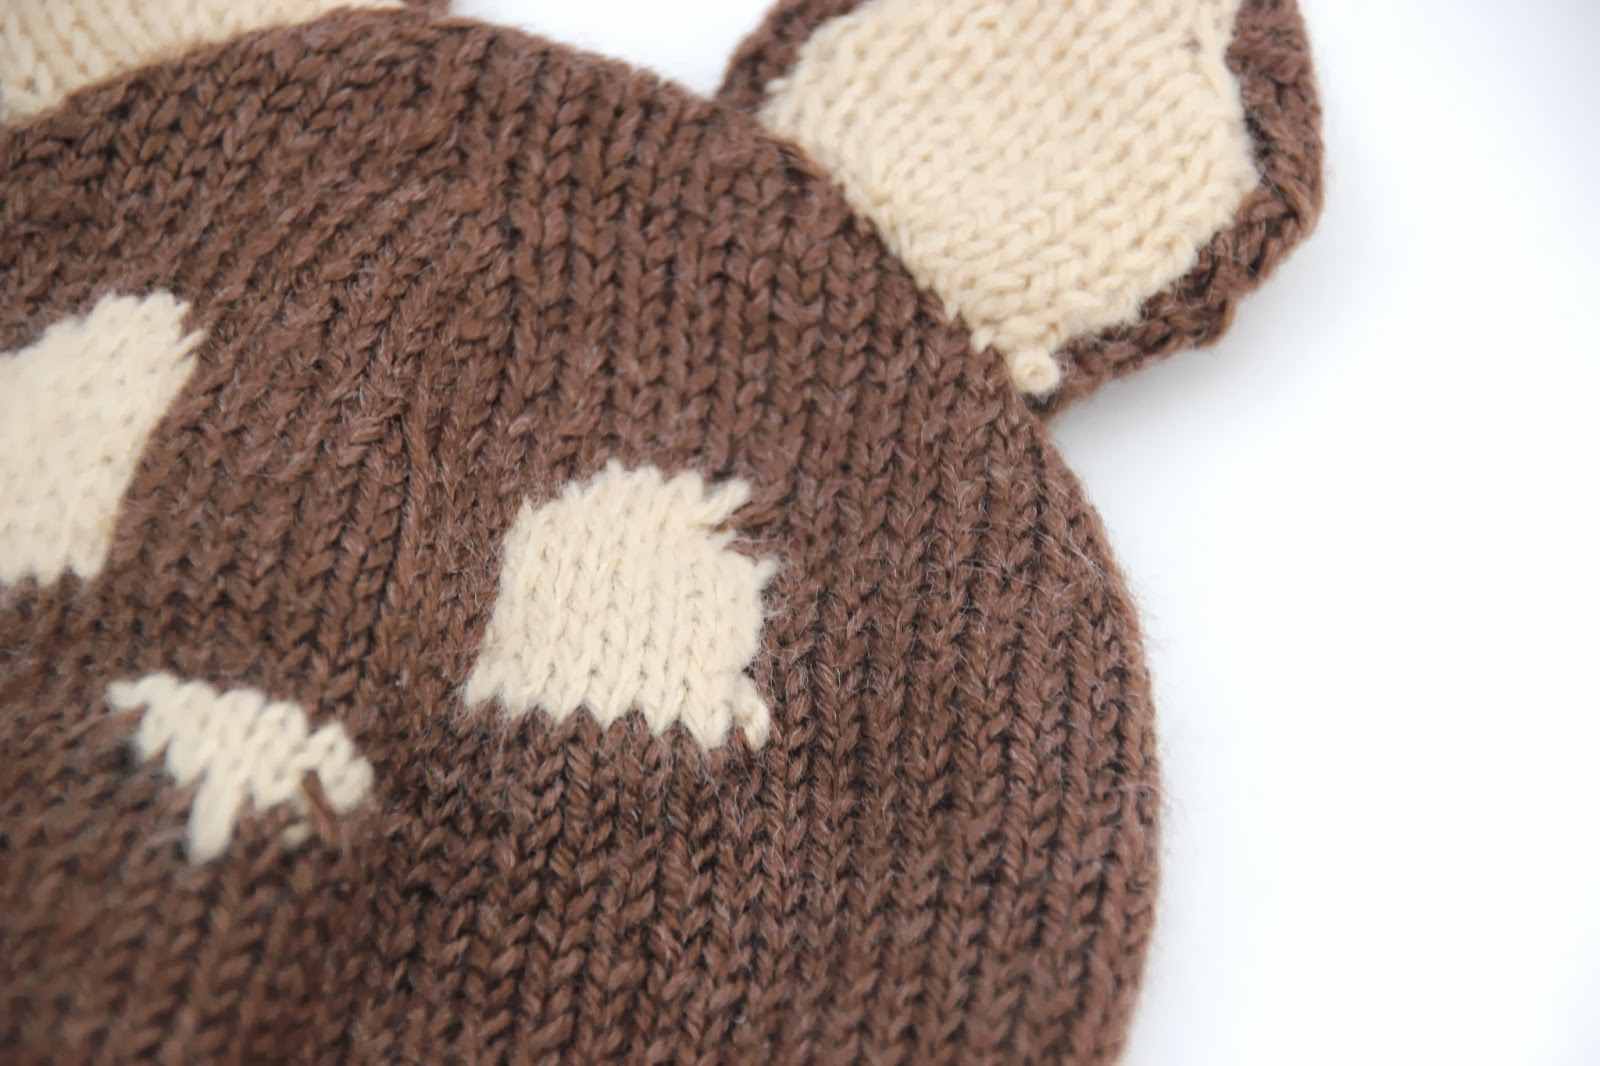 Maquina de coser buscar como hacer un gorro de lana con - Puntos de lana a dos agujas ...